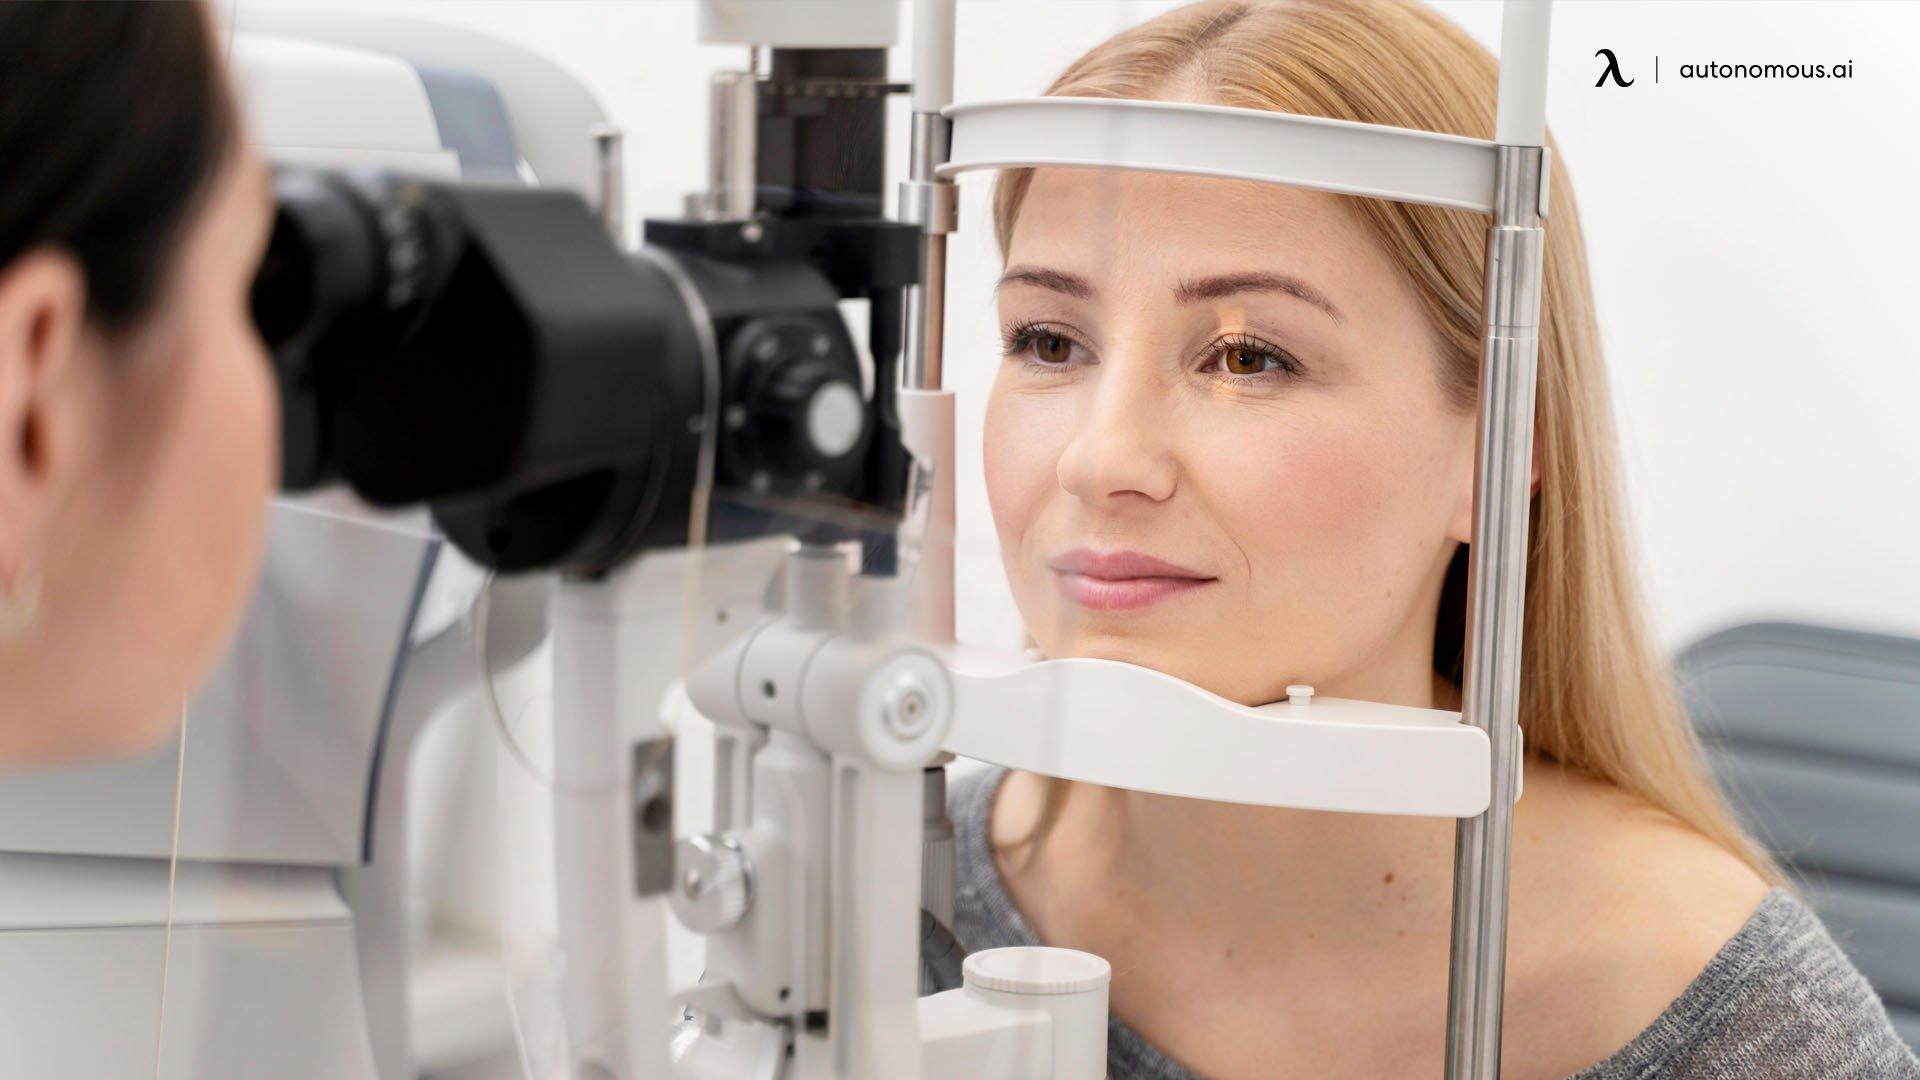 get an eye exam